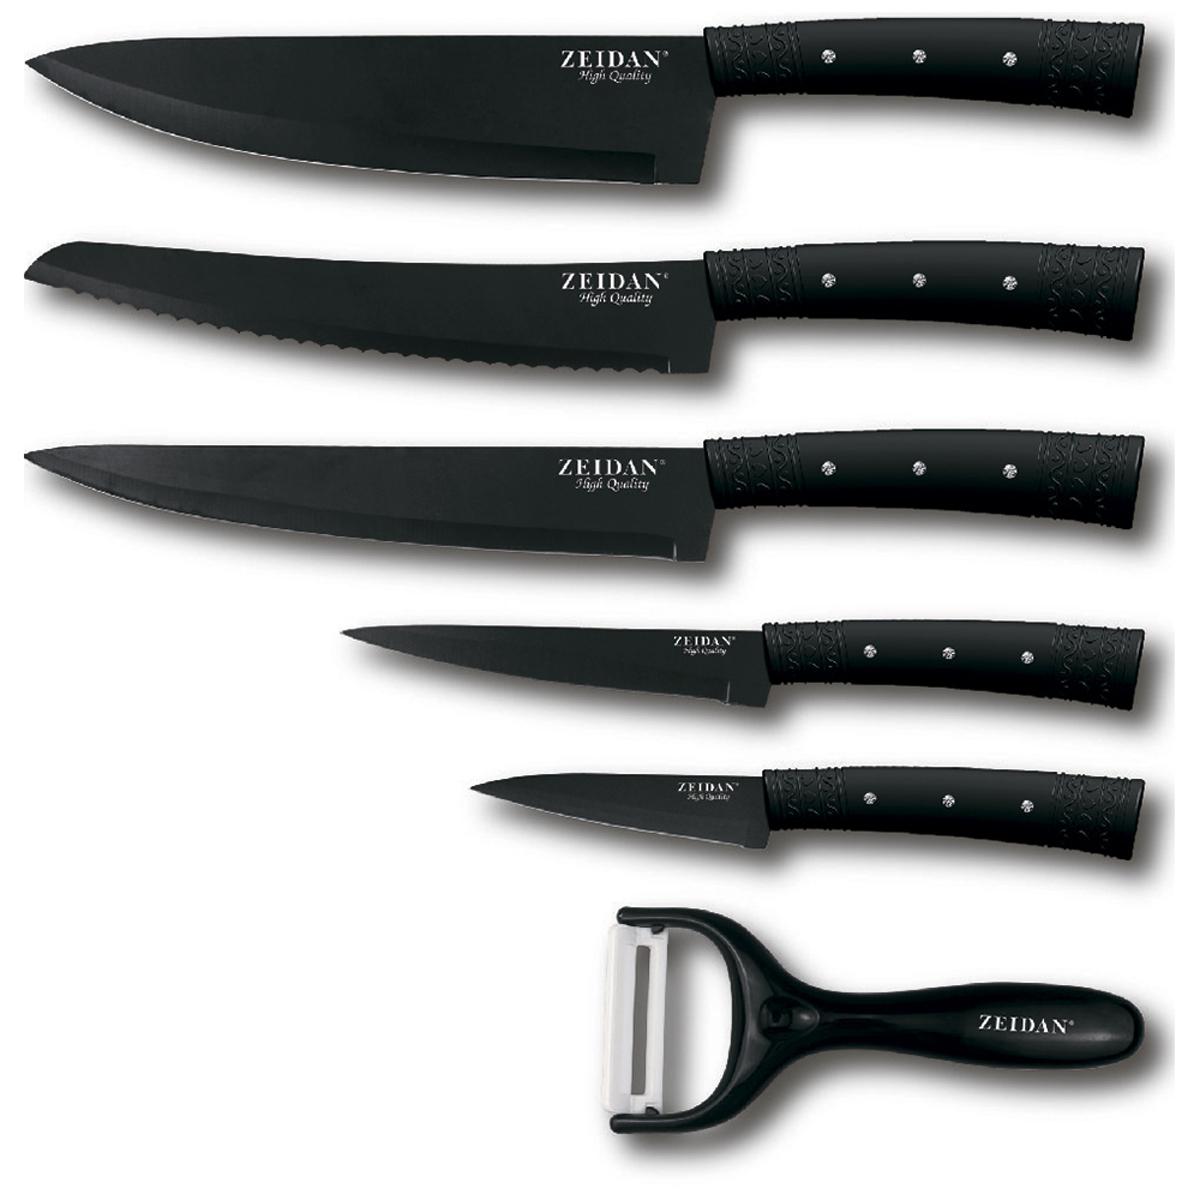 Набор ножей Zeidan Z-3088, 7 предметовНФ-00000813Набор ножей ZEIDAN Z-3088, 7 предметов, лезвия с антибактериальным покрытием (поварской нож -1,5mm/8, нож для хлеба -1,5mm/8, нож -разделочный-1,5/8, универсальный нож -1,2mm/5, нож для овощей – 1,2mm/3,5, овощечистка с керамическим лезвием, ручки прорезиненные с камнями, подарочная упаковка - деревянный кейс.